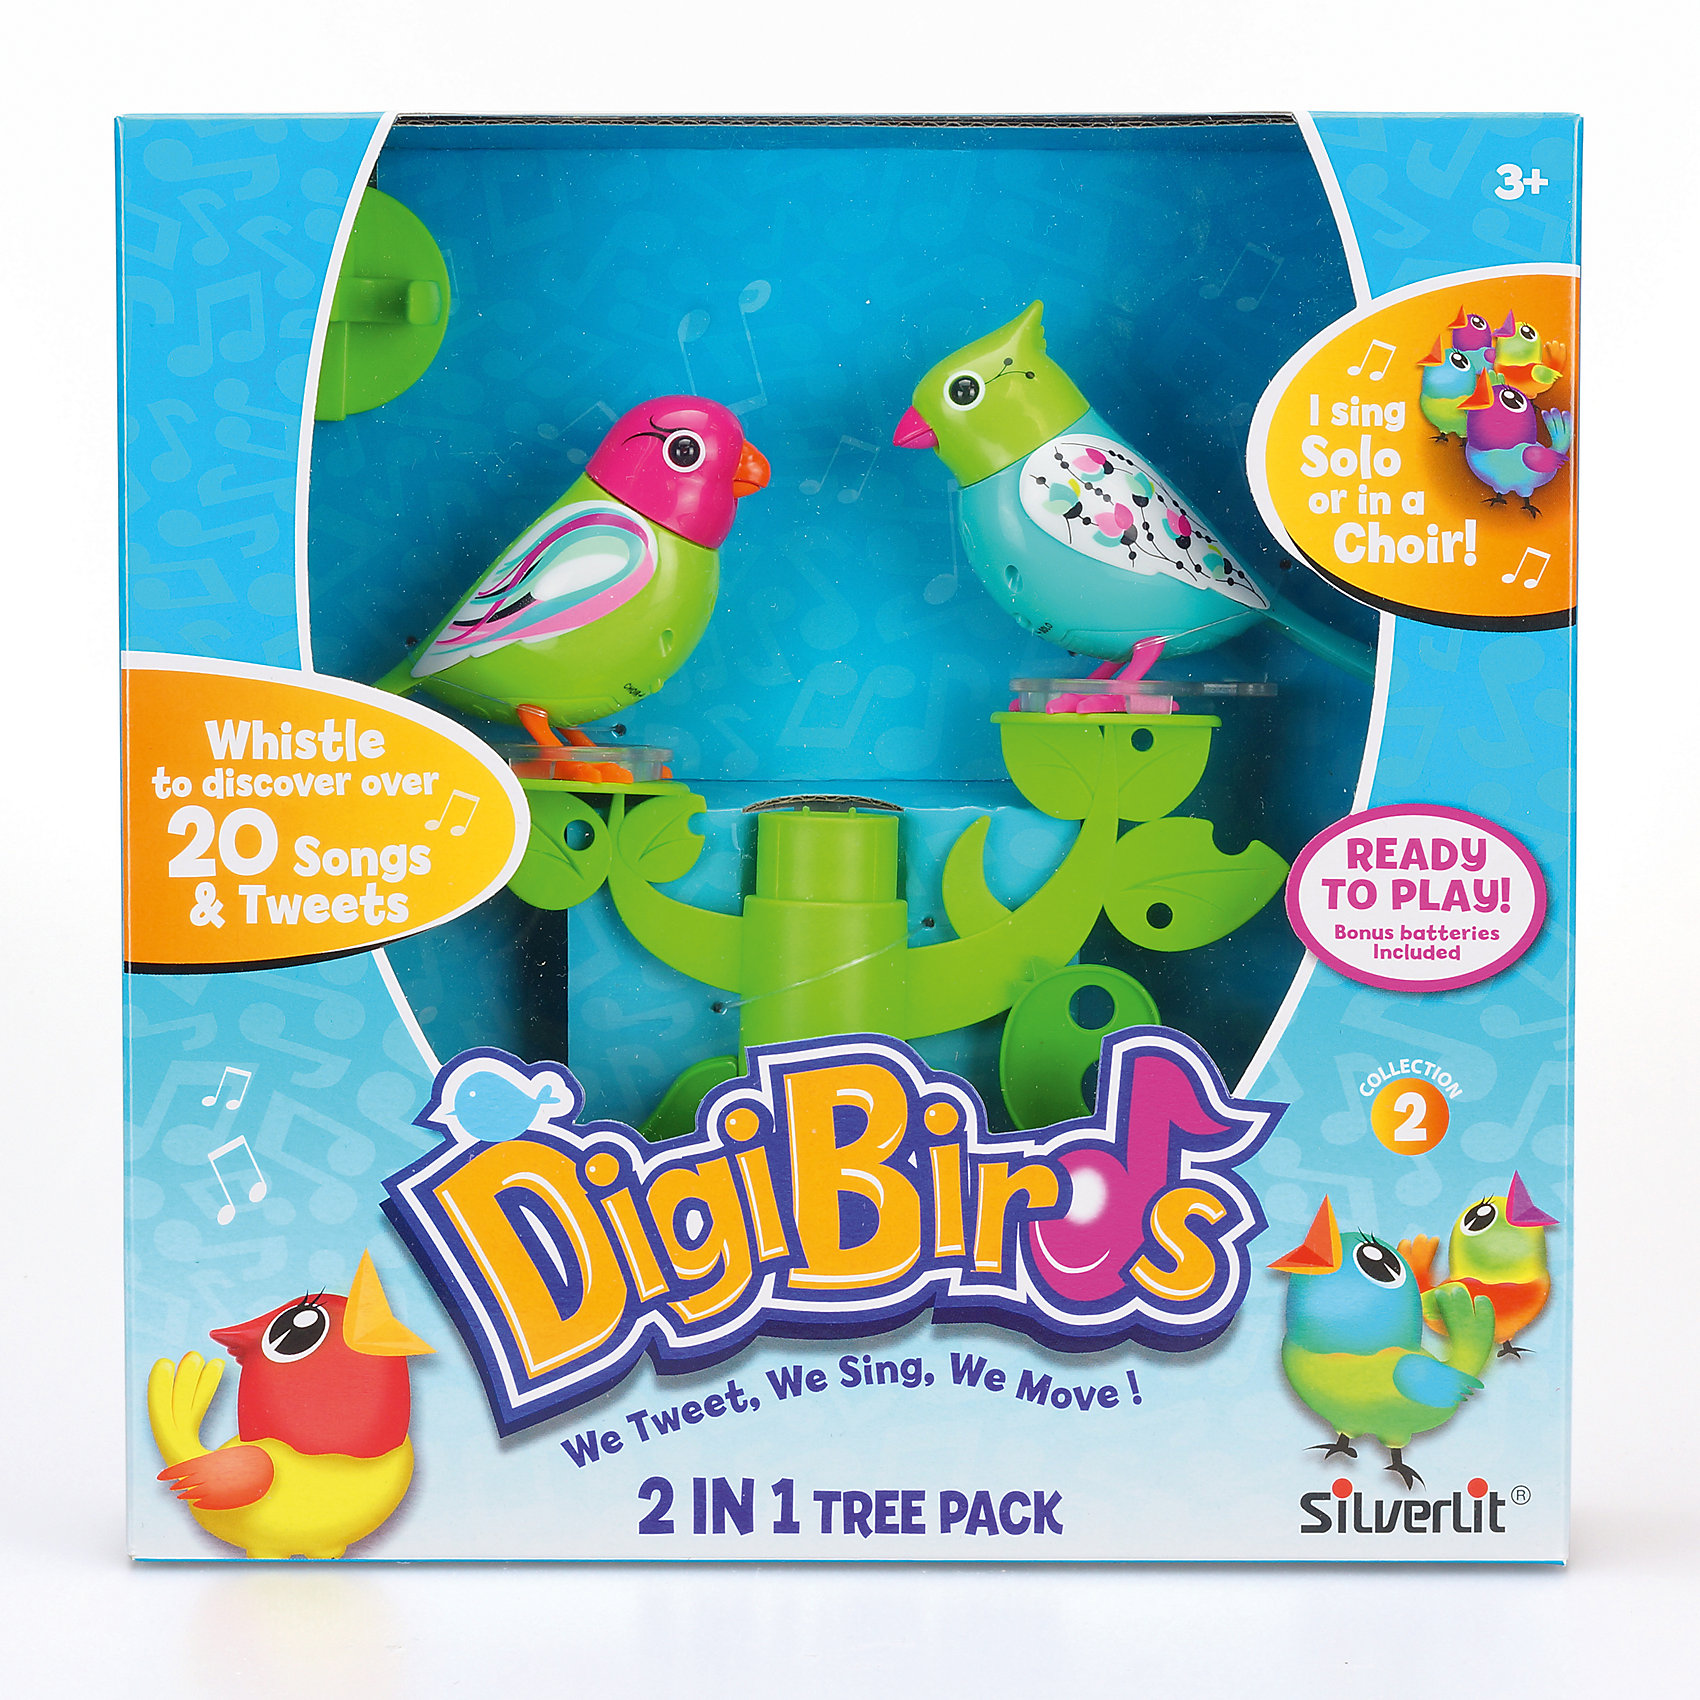 Две птички с деревом, зелено-голубые, DigiBirdsИнтерактивные животные<br>Характеристики:<br><br>• Предназначение: для сюжетно-ролевых игр, интерьерные игрушки<br>• Коллекция: DigiBirds<br>• Материал: пластик<br>• Комплектация: две птички, дерево-подставка, свисток-кольцо<br>• Батарейки: 6 шт. типа LR44 (предусмотрены в комплекте)<br>• Дерево-подставка совместимо с другими деревьями из данной серии<br>• Птички синхронизируются с птичками из других наборов данной серии<br>• В записи 55 мелодий<br>• Два режима: хор и соло<br>• Вес: 330 г<br>• Размеры упаковки (Д*В*Ш): 5,7*24,8*24,8 см<br>• Упаковка: картонная коробка с блистером<br>• Особенности ухода: сухая чистка<br><br>Две птички с деревом, зелено-голубые, DigiBirds ? это игровой набор от мирового лидера в производстве интерактивных игрушек – Silverlit. Игрушка выполнена из прочного и безопасного пластика, окрашена нетоксичными красками. Набор состоит из двух разноцветных птичек, расположенных на ветвях дерева, которое является подставкой. Чтобы заставить птичек петь, достаточно подуть на грудку или посвистеть в свисток, который предусмотрен в комплекте. <br><br>Птички могут петь в двух режимах: хор и соло. Синхронизация происходит автоматически. Всего в их творческом репертуаре имеется 55 разнообразных песенок и звуков. Две птички с деревом, зелено-голубые, DigiBirds ? эта уникальная игрушка, которая будет способствовать развитию музыкального слуха, а текже развивать речевой аппарат ребенка за счет простых, но эффективных упражнений: подуть в свисток, подуть на птичку.<br><br>Двух птичек с деревом, зелено-голубых, DigiBirds, можно купить в нашем интернет-магазине.<br><br>Ширина мм: 57<br>Глубина мм: 248<br>Высота мм: 248<br>Вес г: 330<br>Возраст от месяцев: 36<br>Возраст до месяцев: 84<br>Пол: Женский<br>Возраст: Детский<br>SKU: 5340139